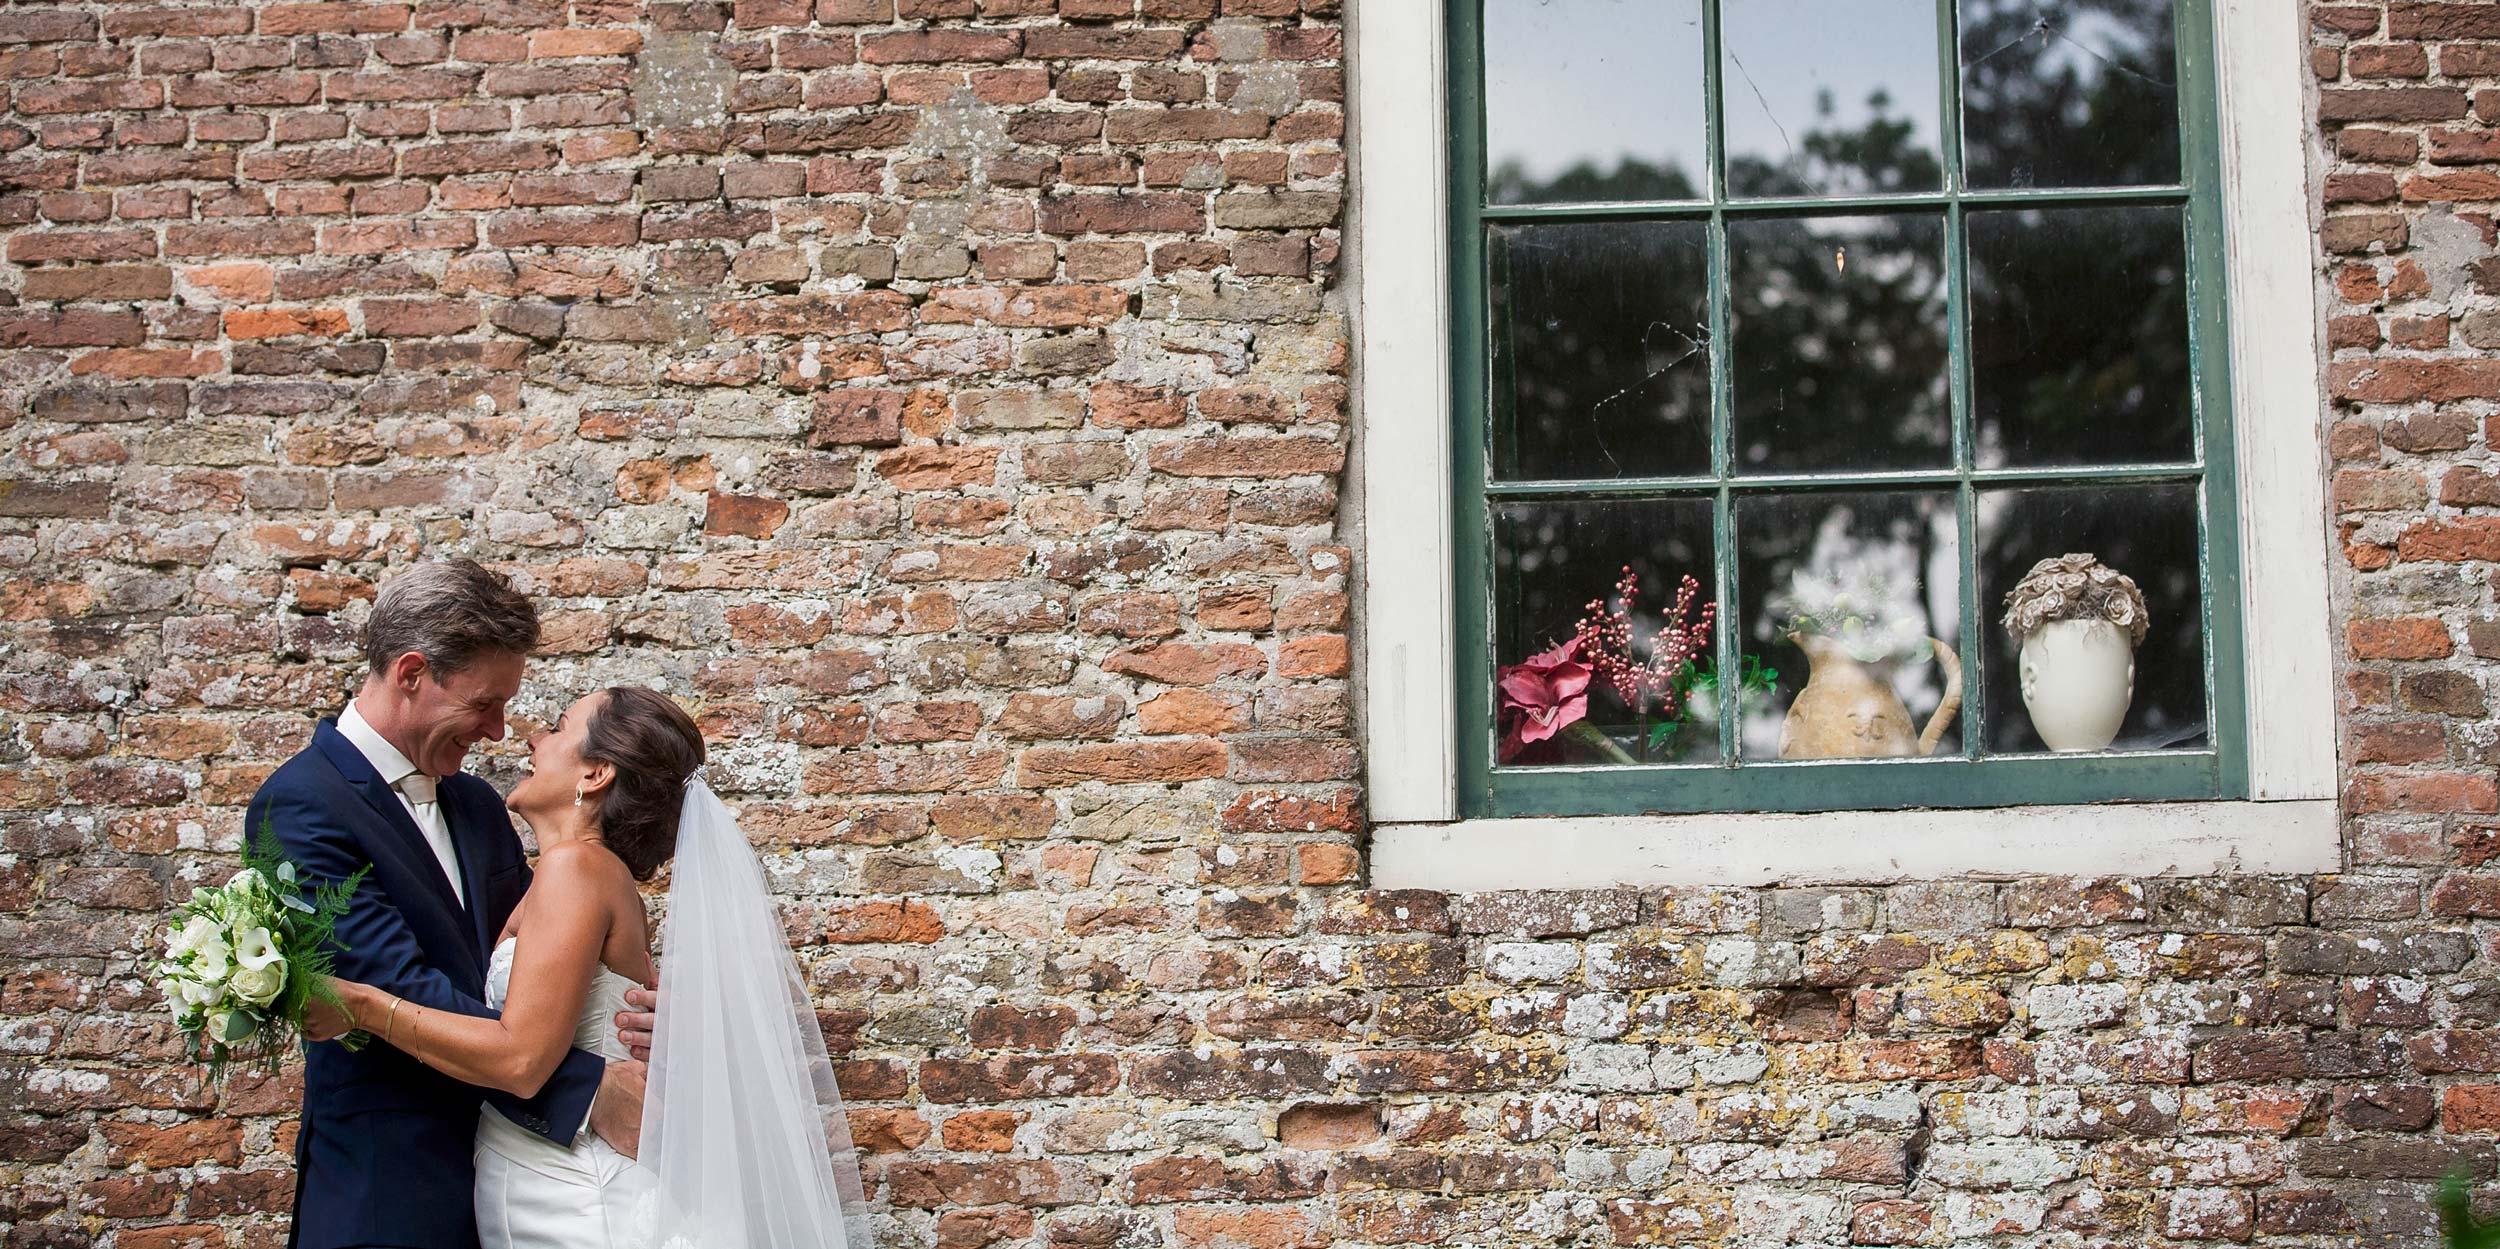 011_trouwen_voorbeeld_album_kasteel_wijenburg_bruiloft_trouwlocatie_trouwinspiratie